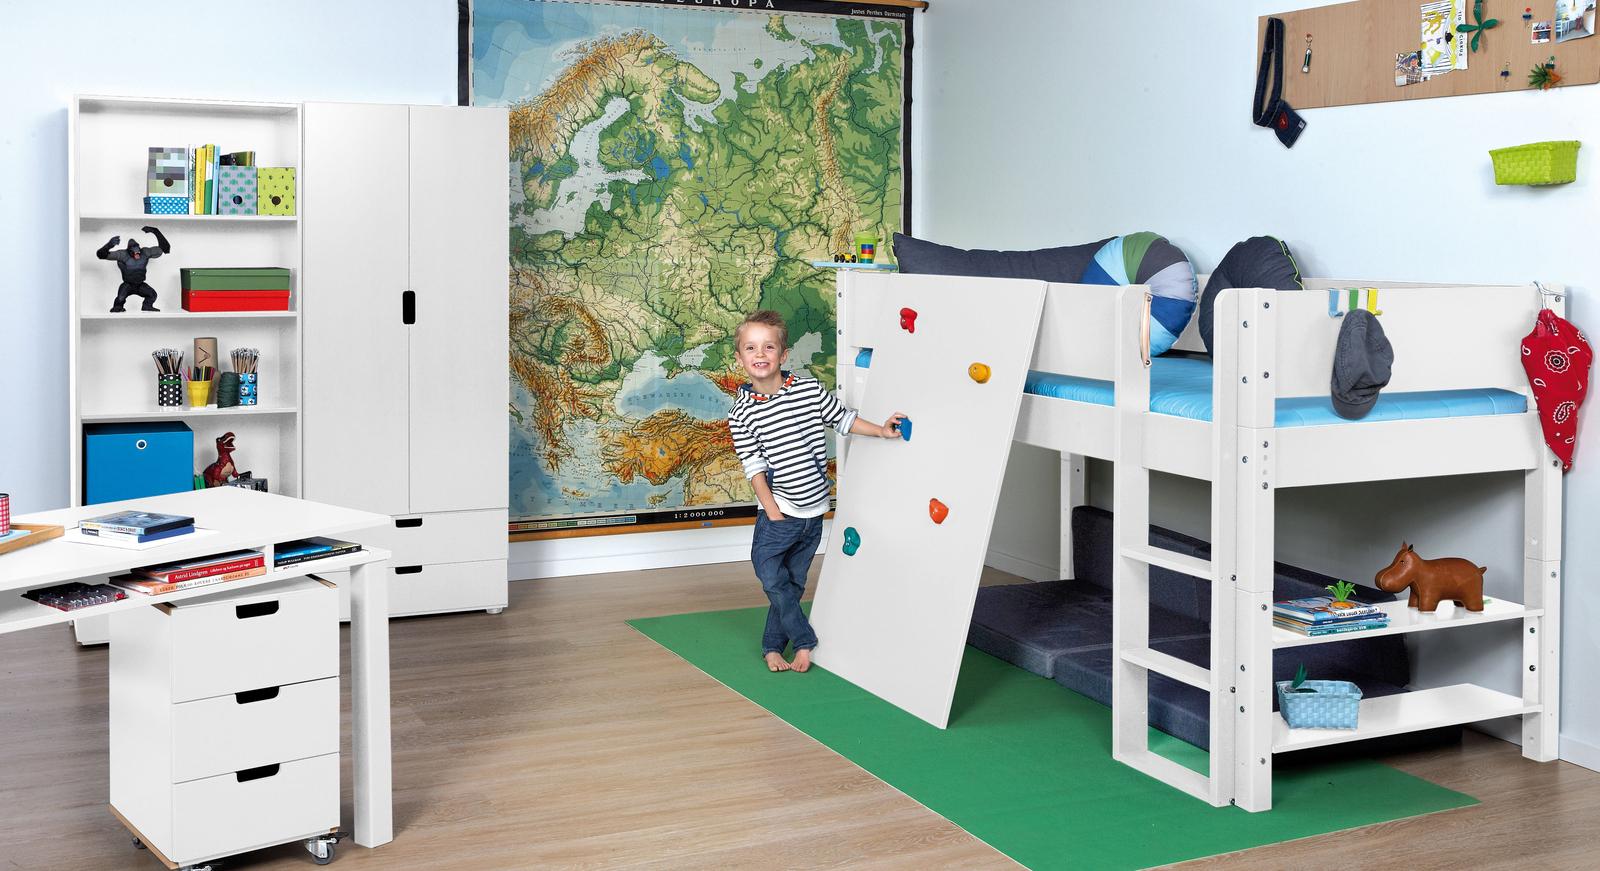 Passende Produkte zum Mini-Hochbett Kids Town mit Kletterwand